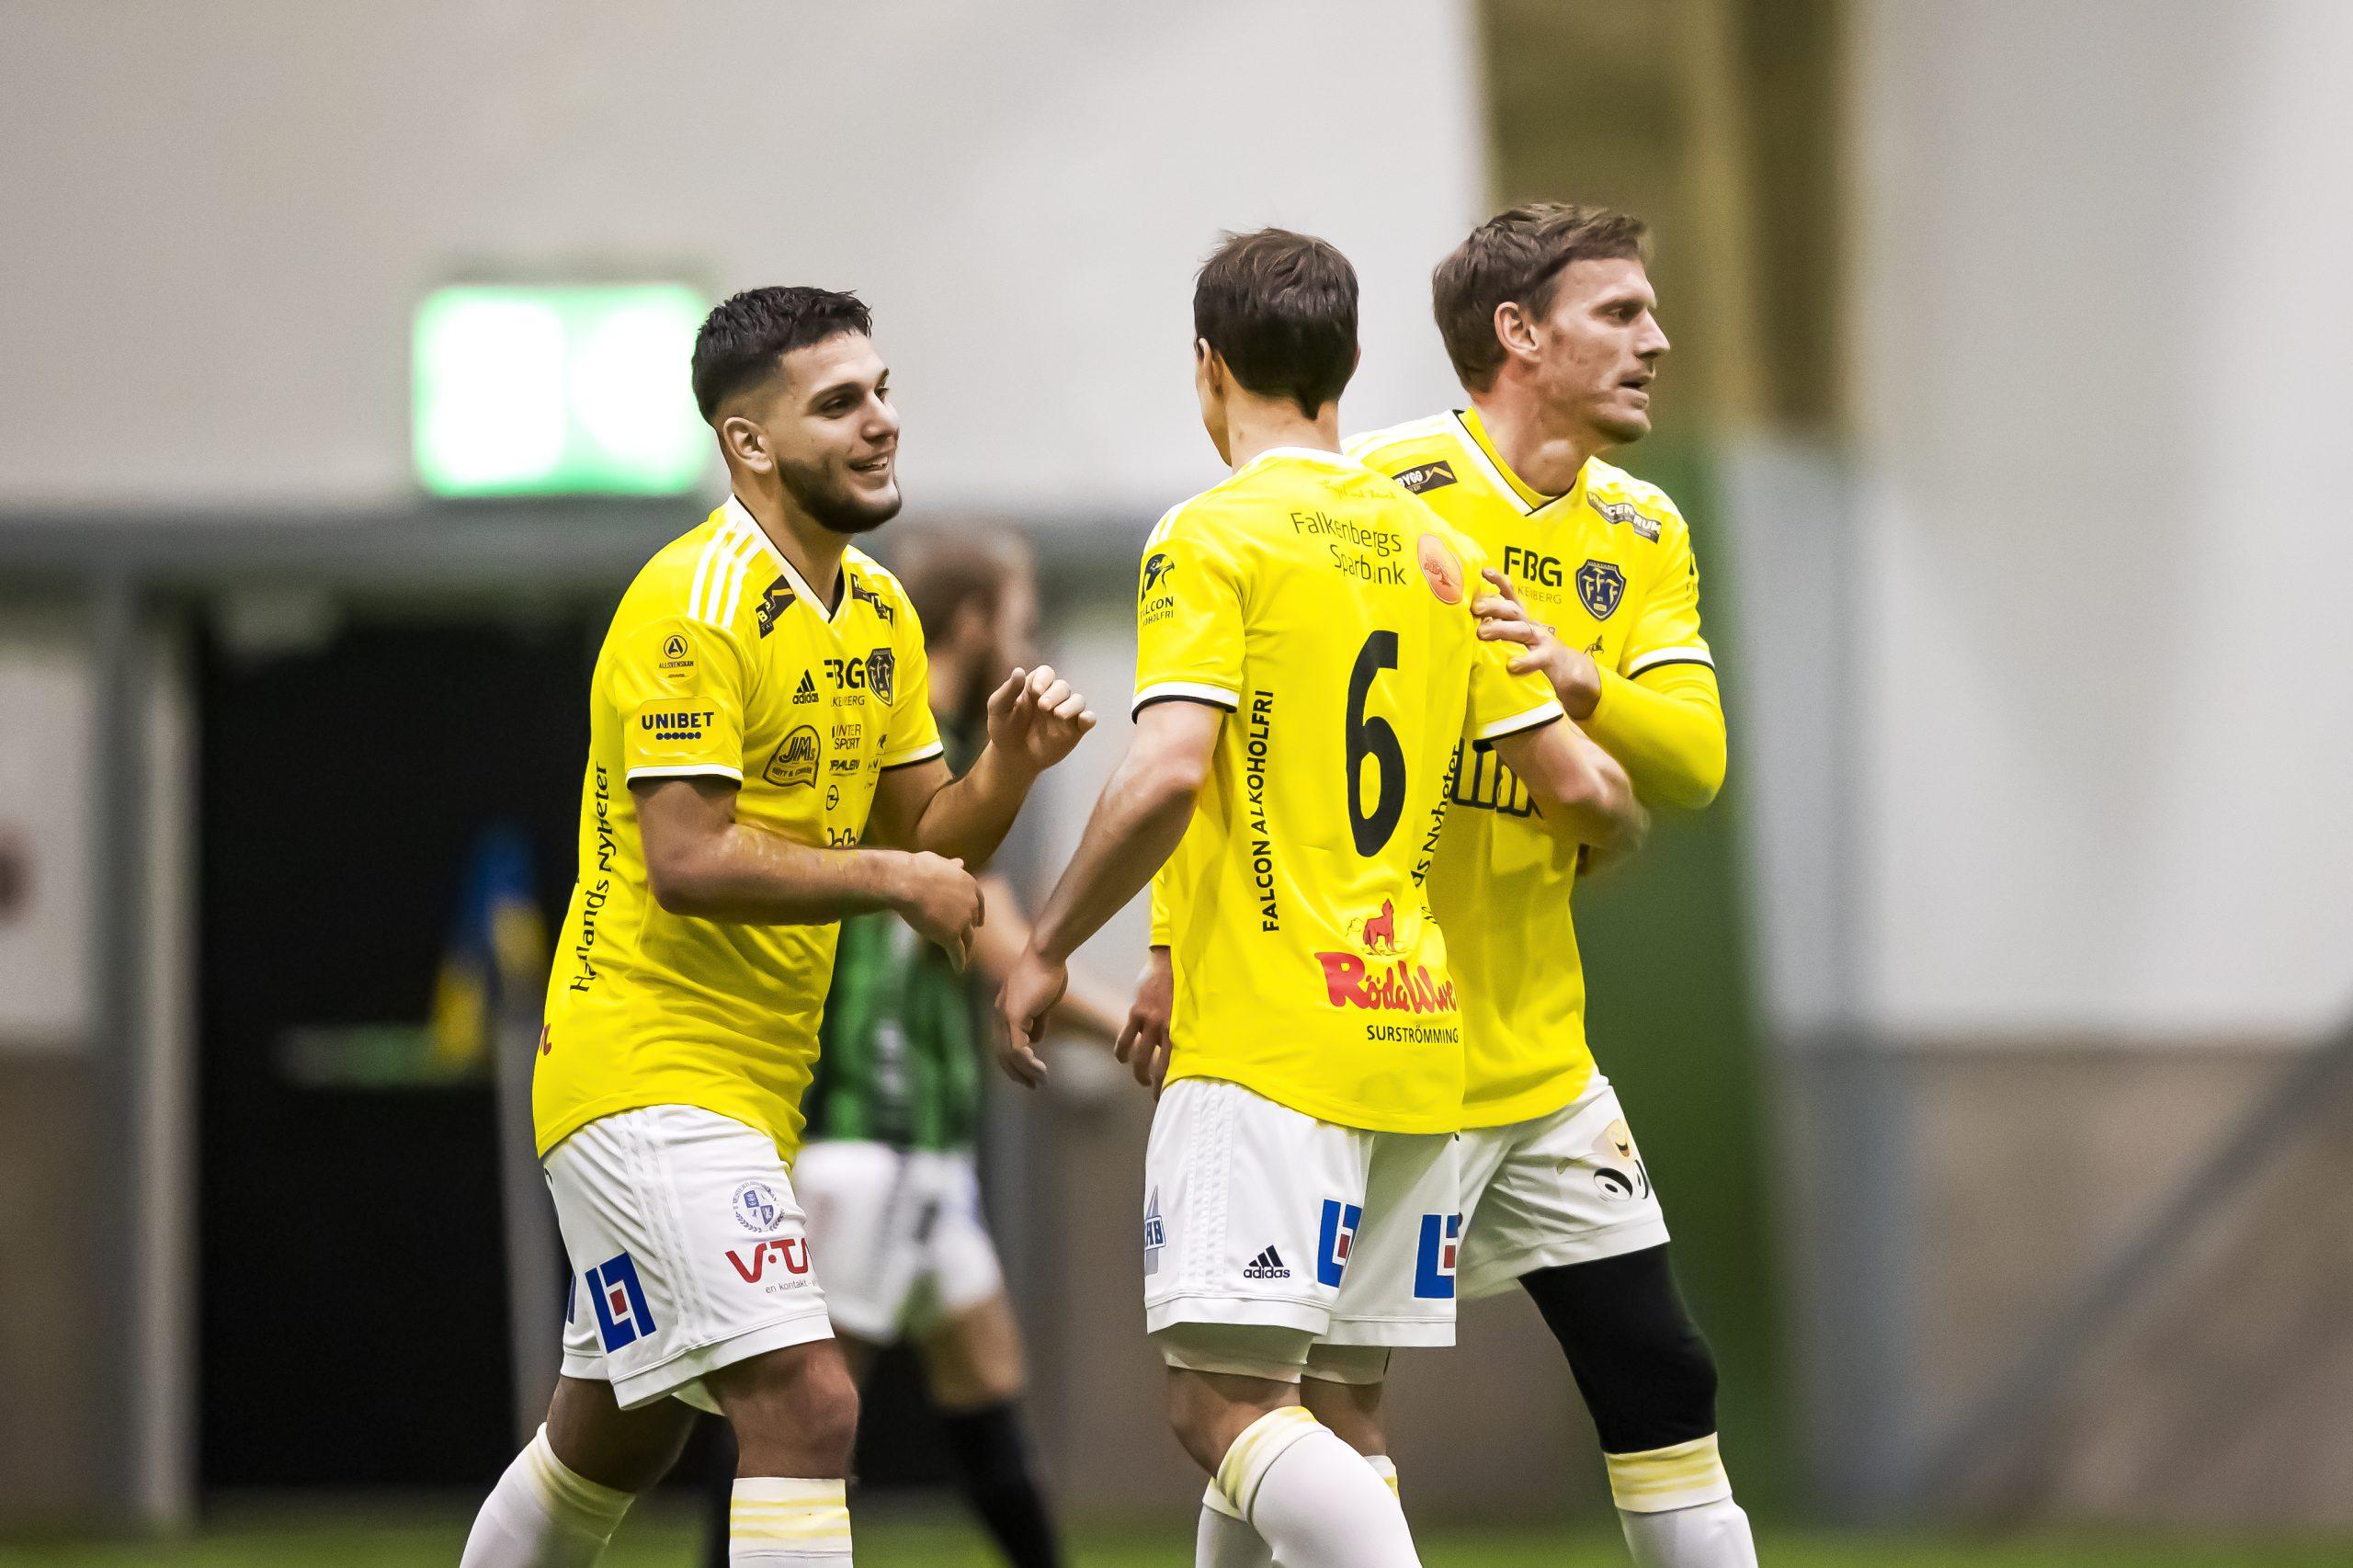 Oavgjort i Borås – Anton Wede målskytt